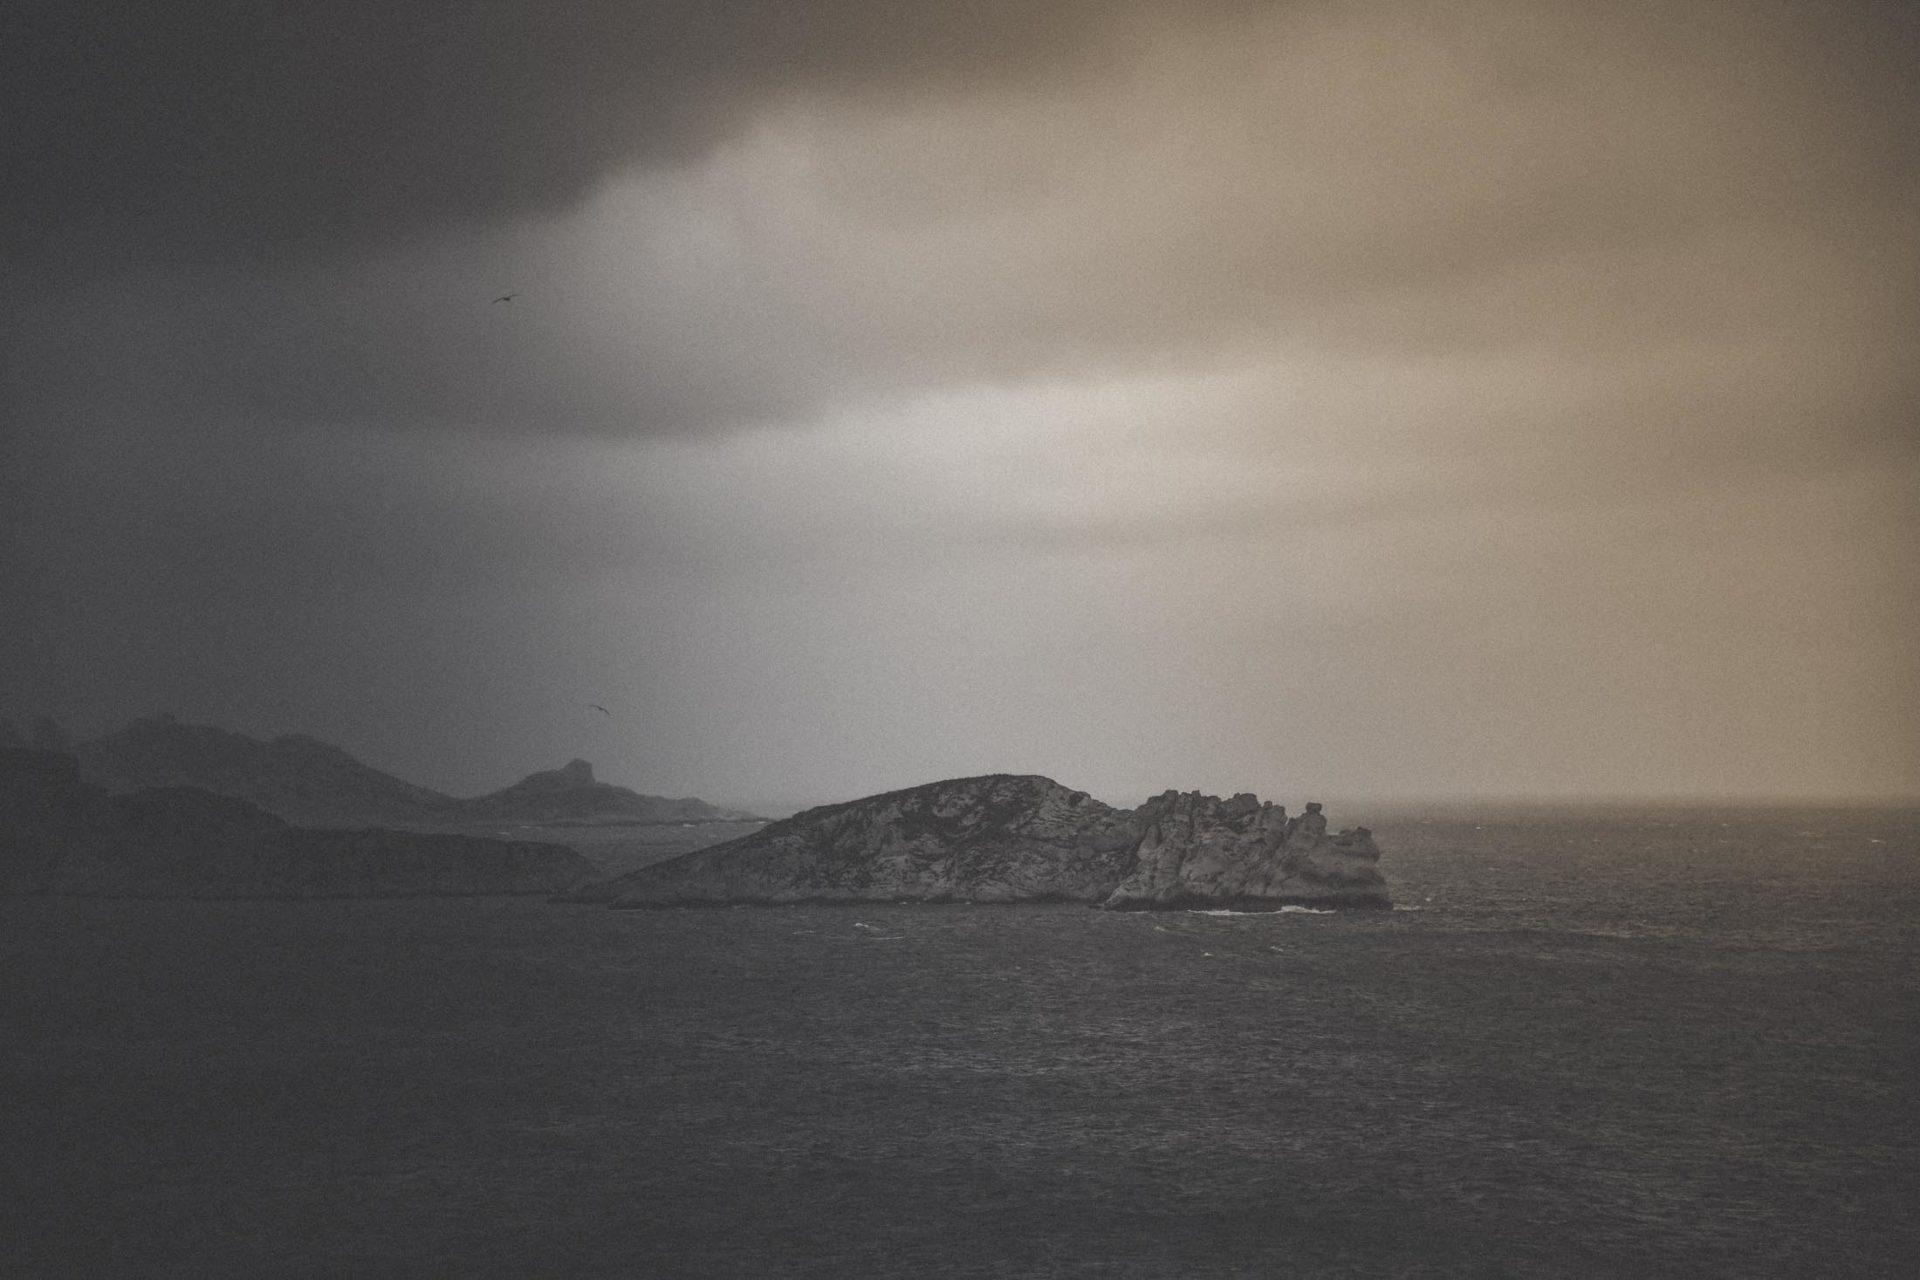 Scavone laurent photographe lifestyle, landscape, paysages.